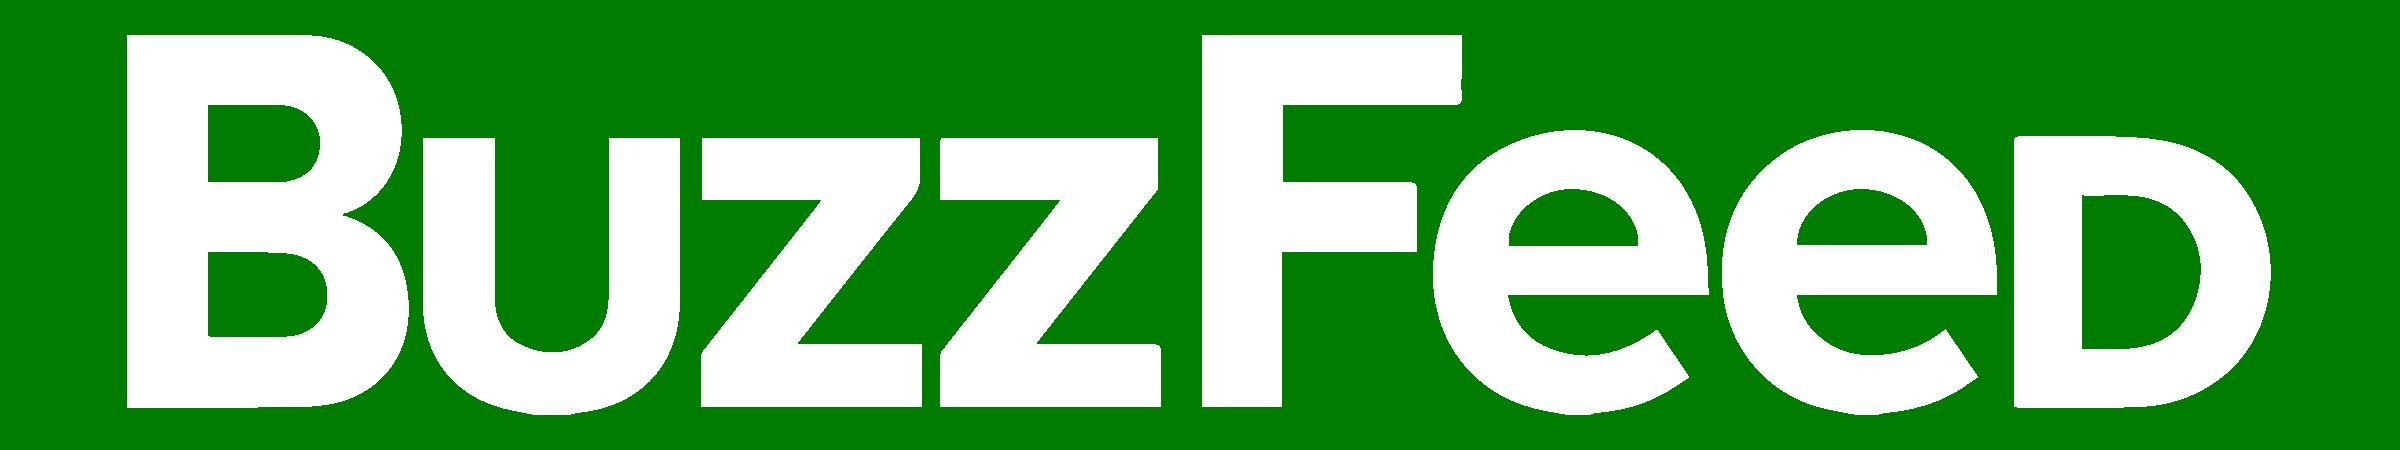 Buzzfeed Logo White